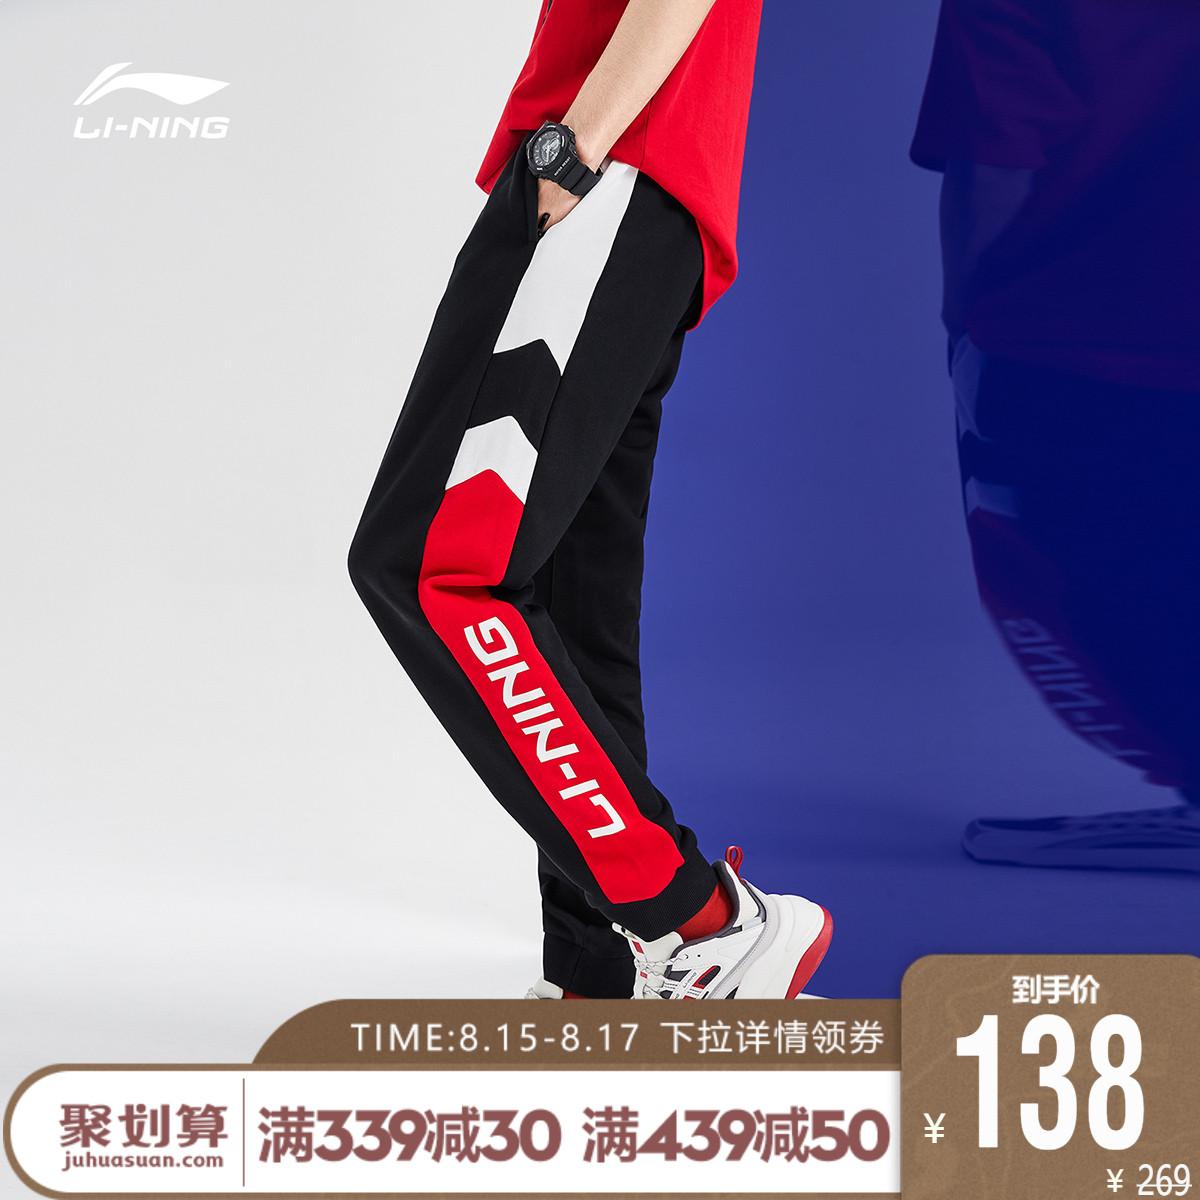 李宁卫裤男士字母印花收口修身潮流休闲裤秋季针织束脚运动长裤